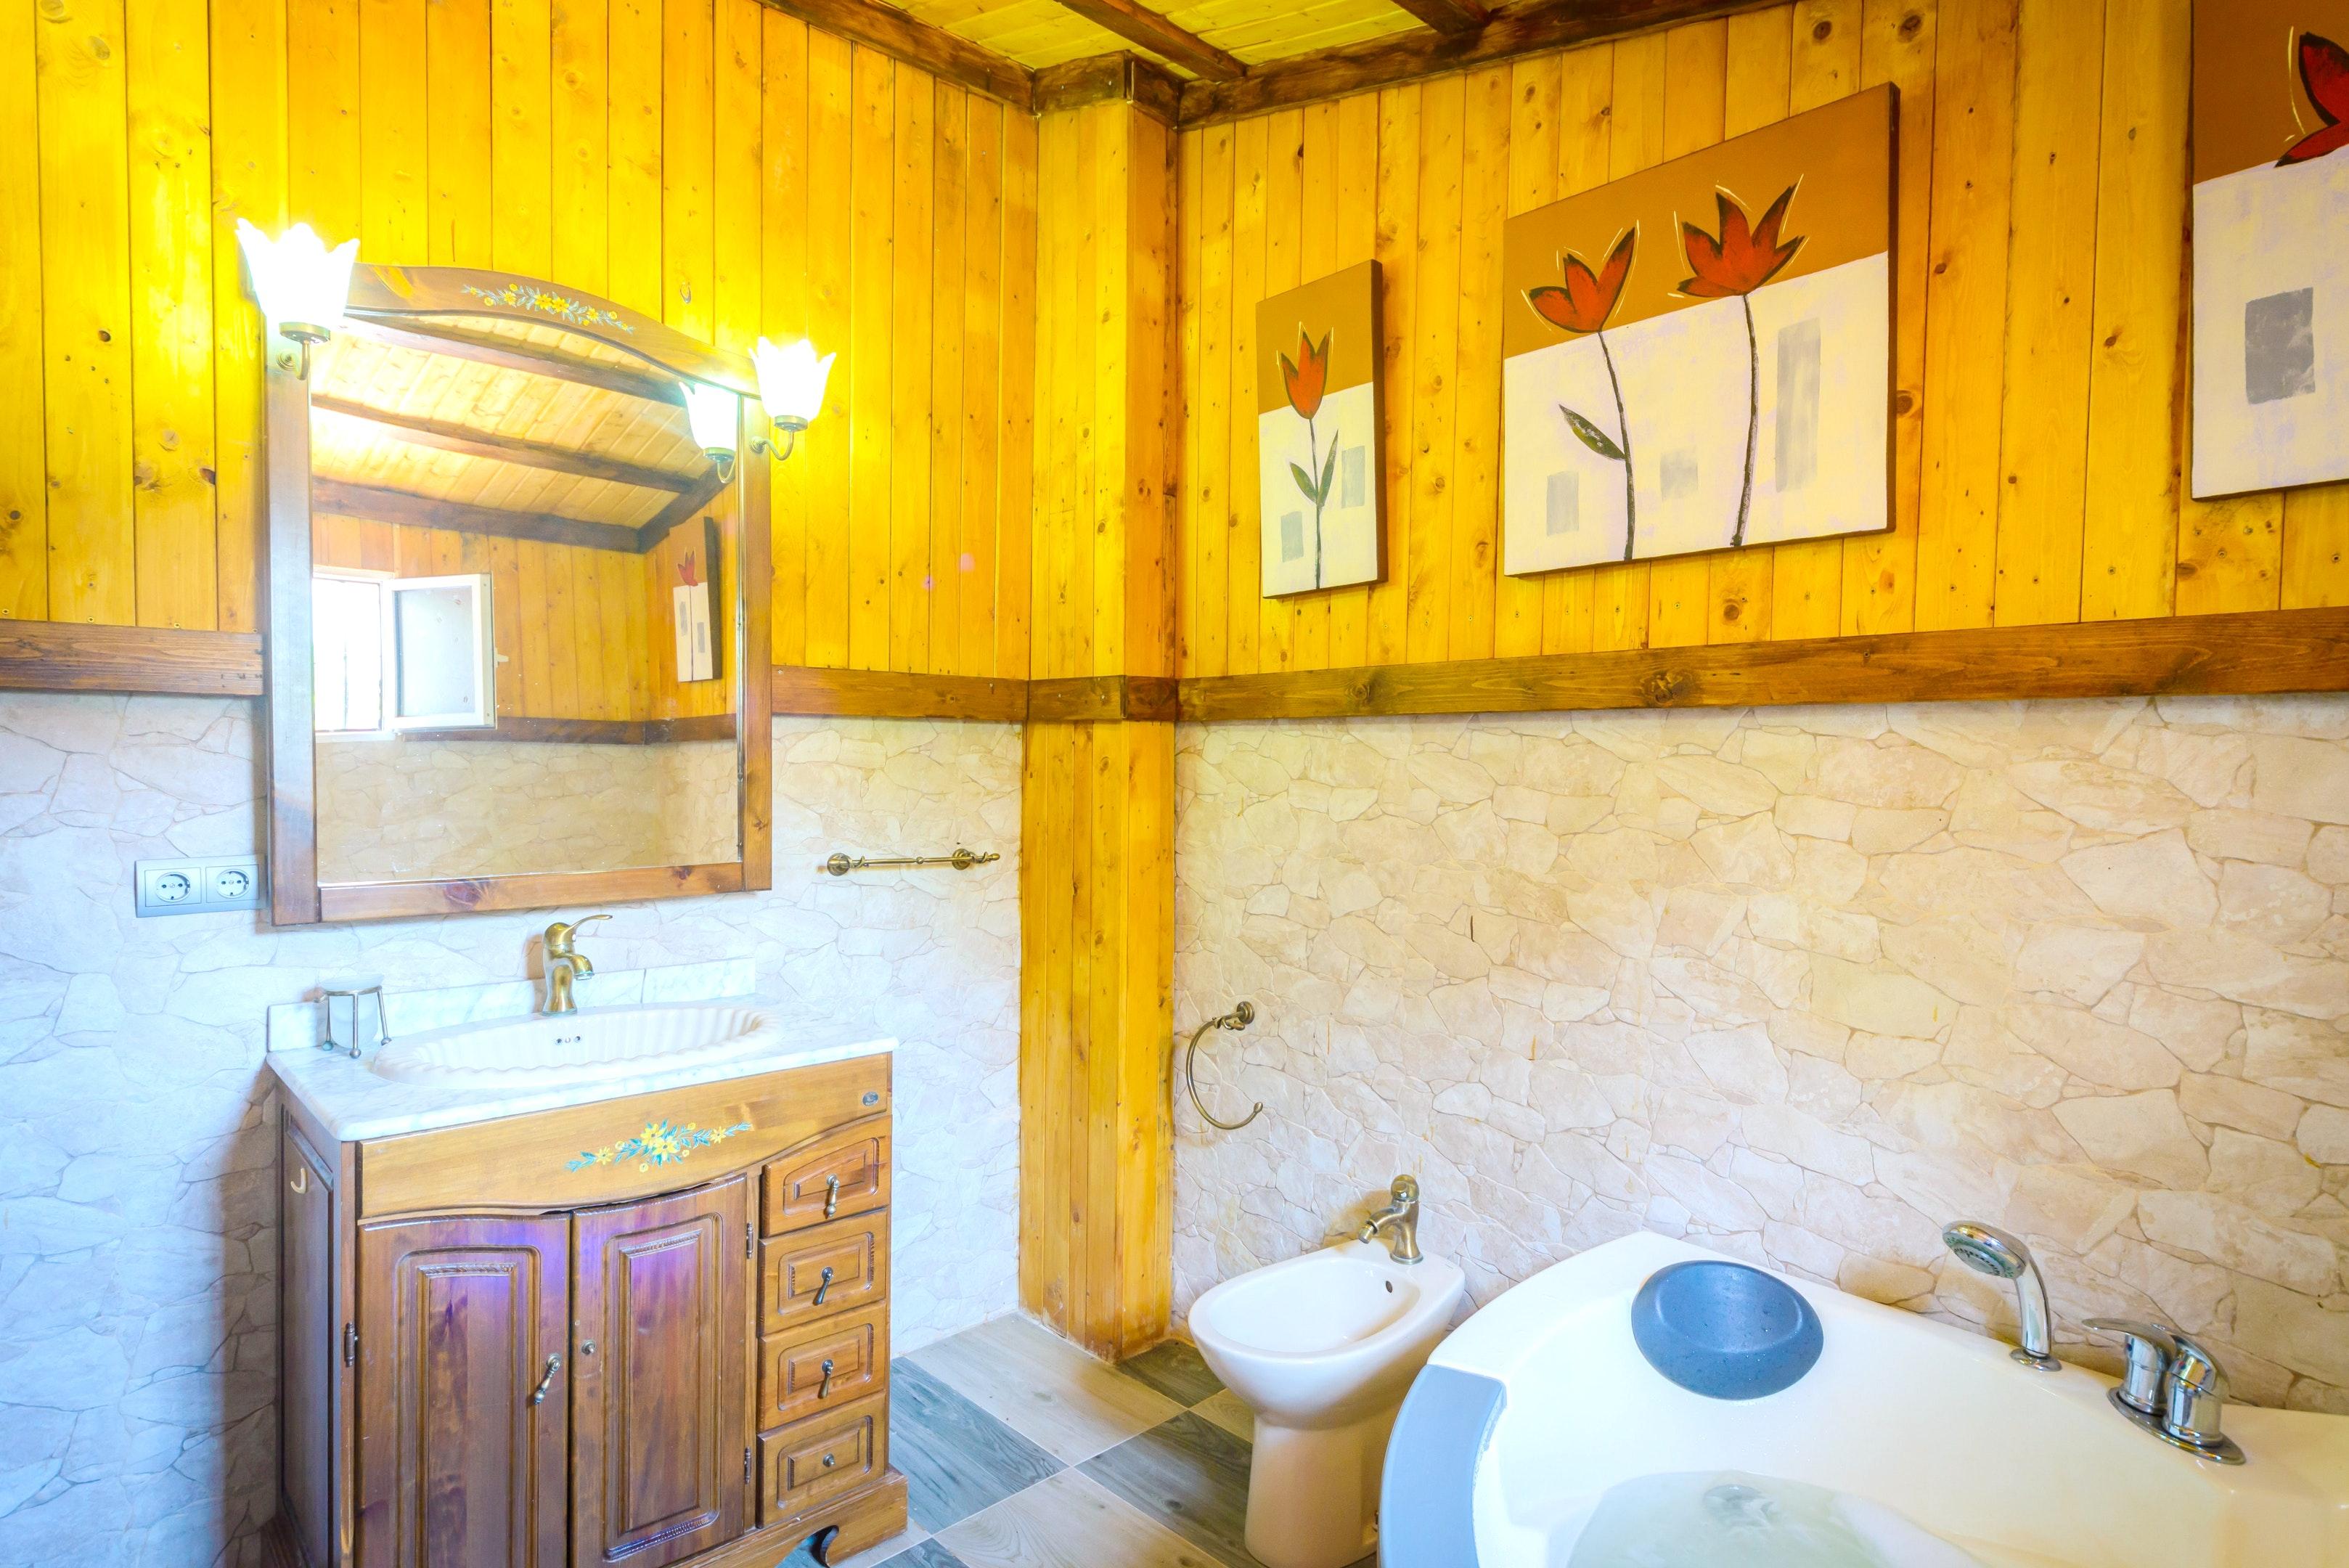 Ferienhaus Villa mit 3 Schlafzimmern in Peñaflor mit privatem Pool, eingezäuntem Garten und W-LAN (2208249), Peñaflor, Sevilla, Andalusien, Spanien, Bild 19